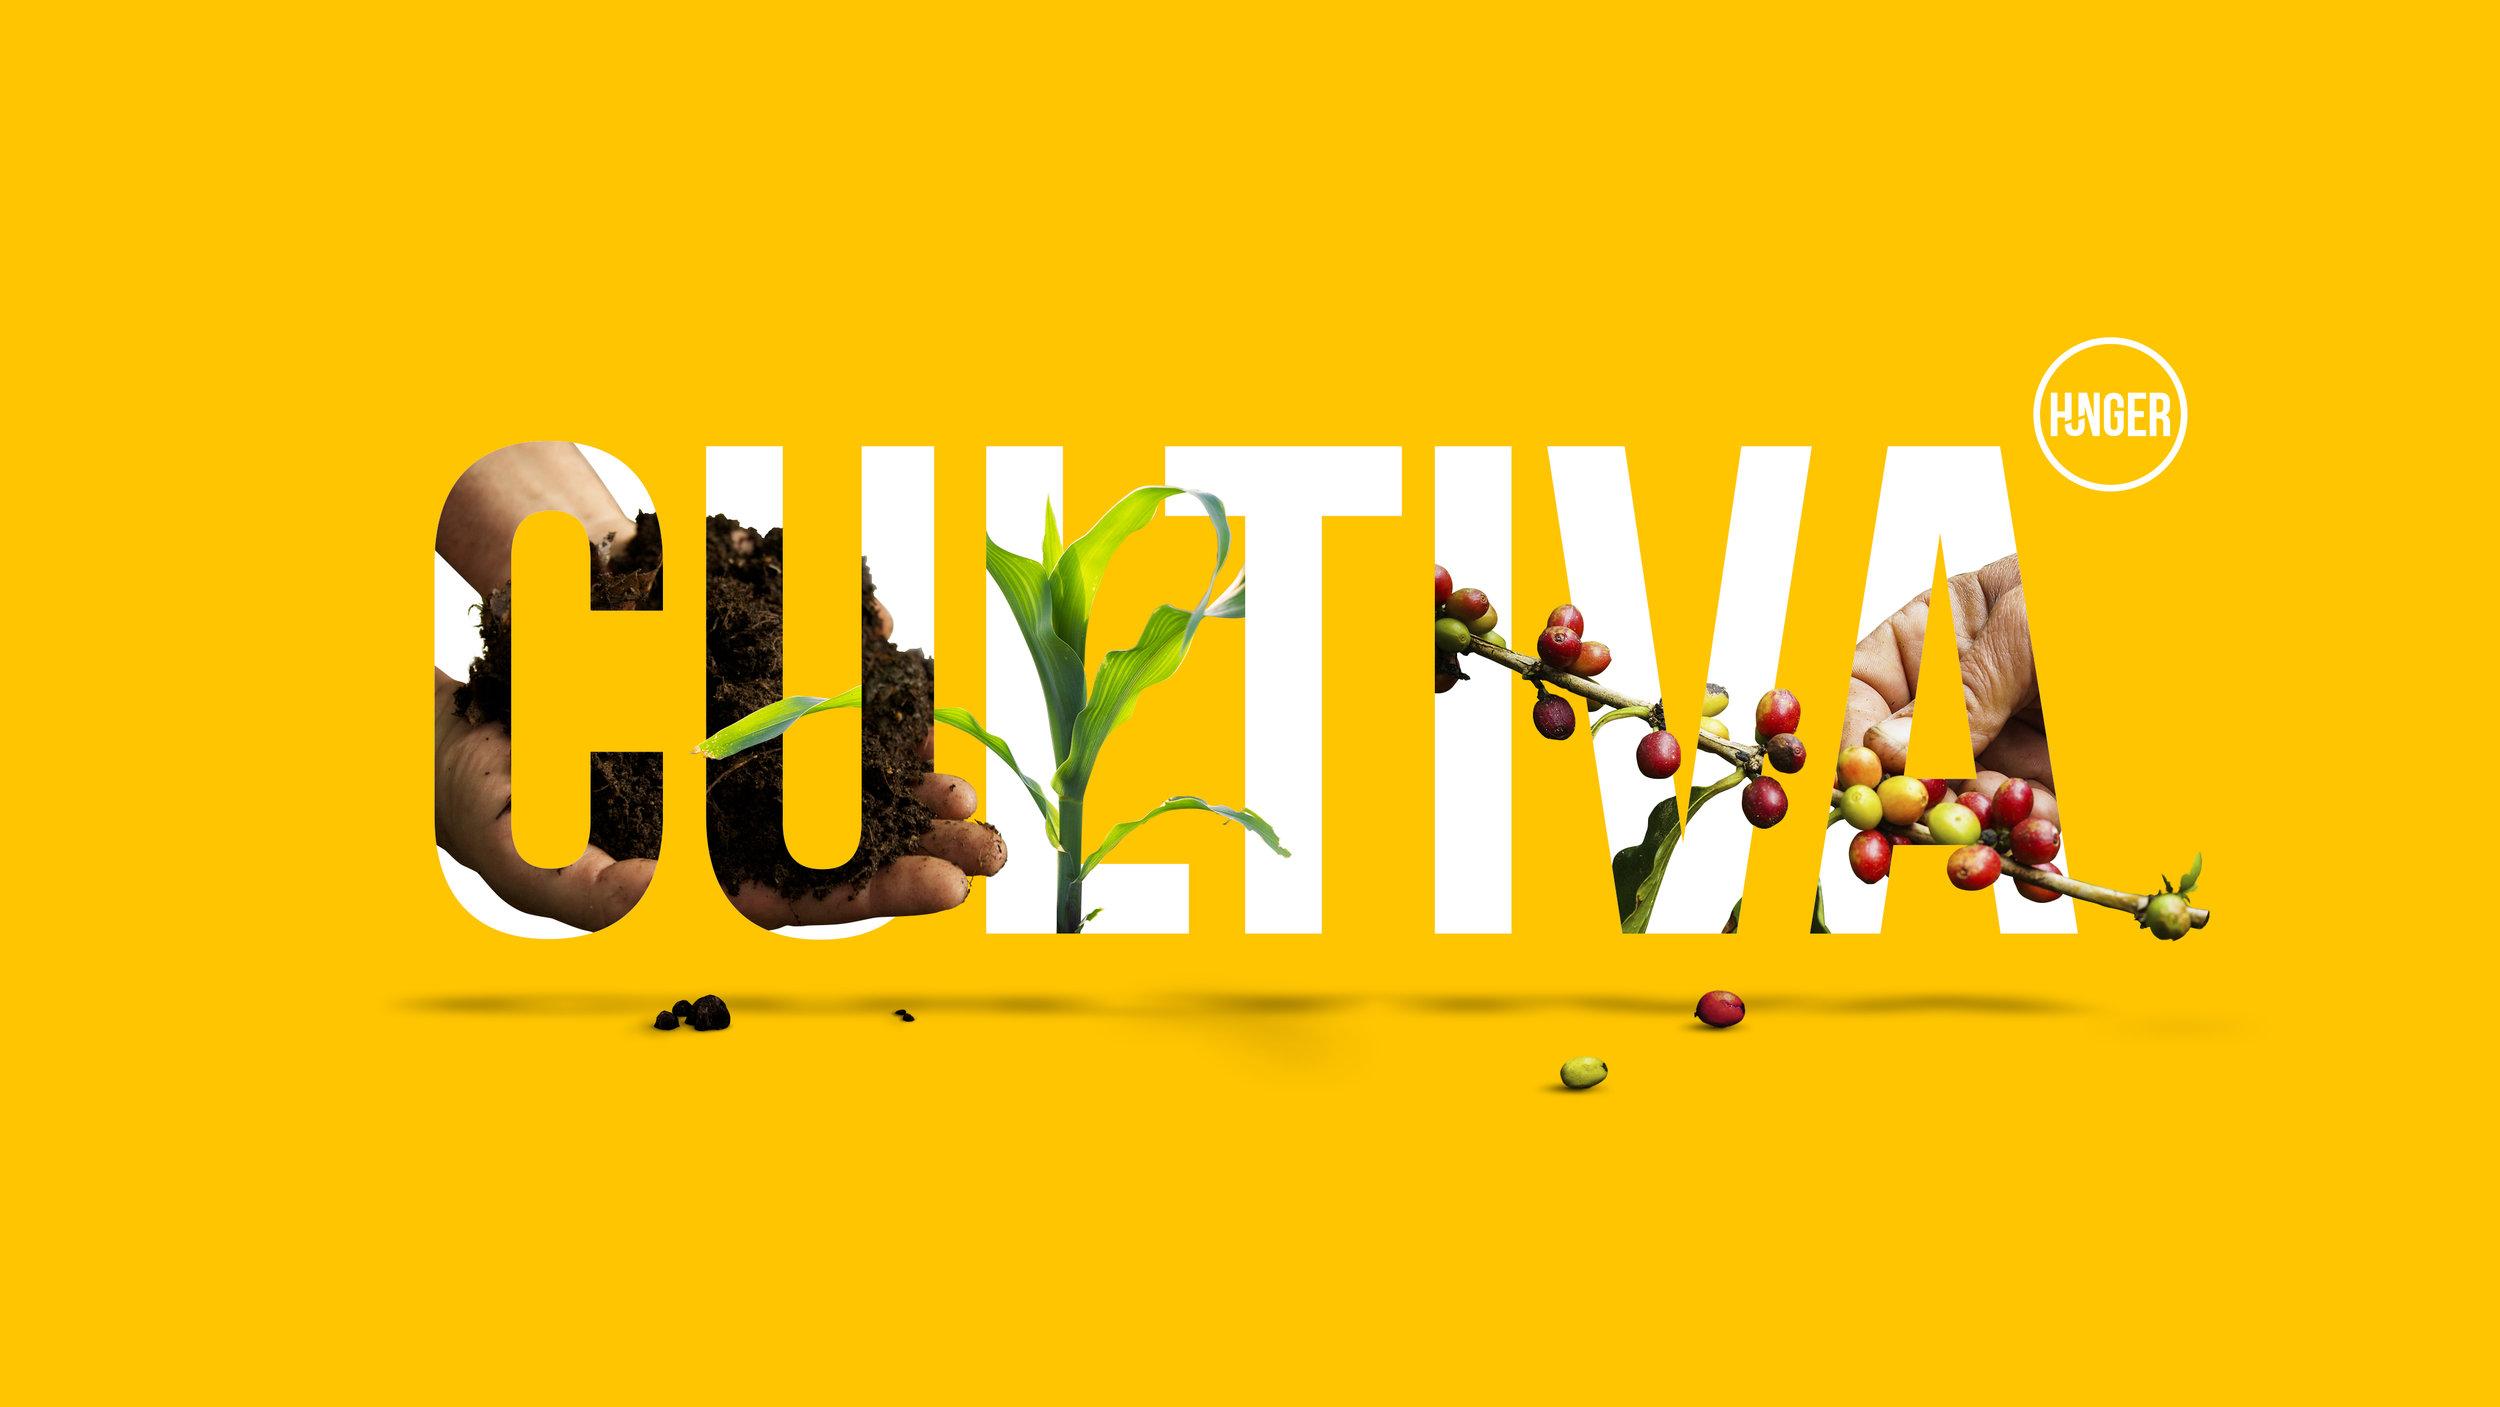 CULTIVA_01 2.jpg